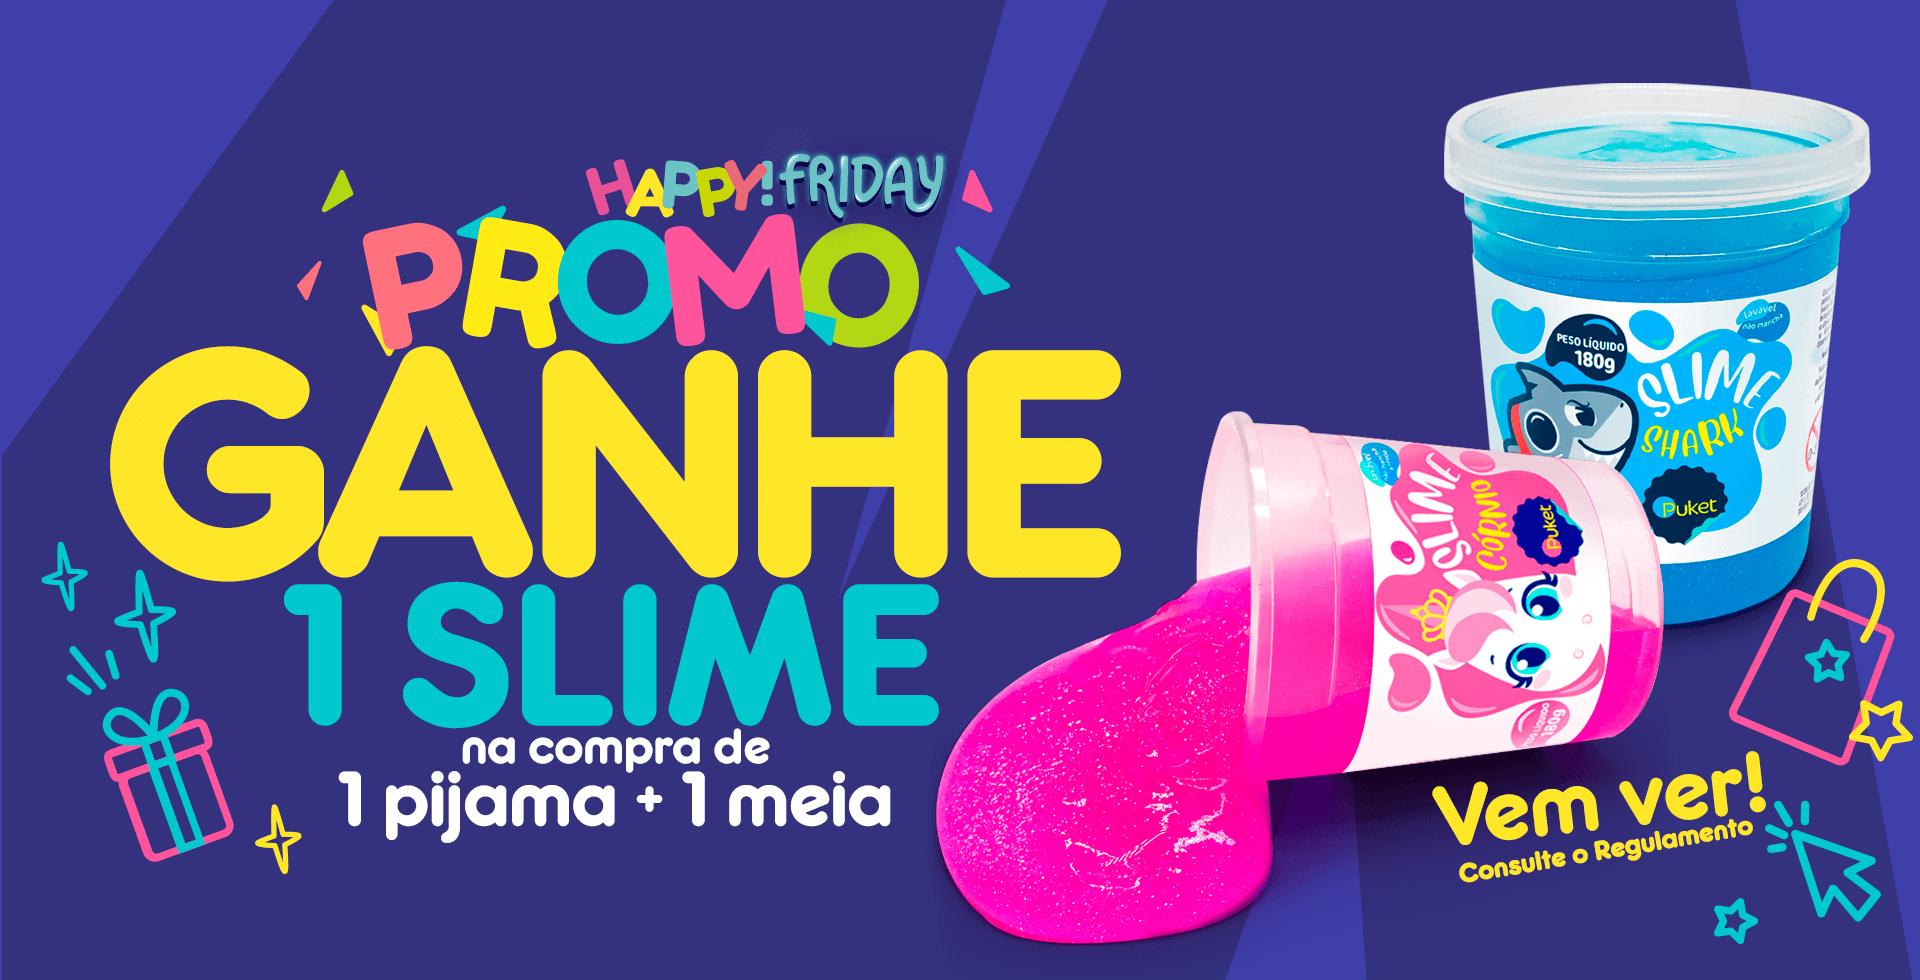 Promoção na nossa Happy Friday, Ganhe 1 slime nas compras de 1 pijama mais 1 meia